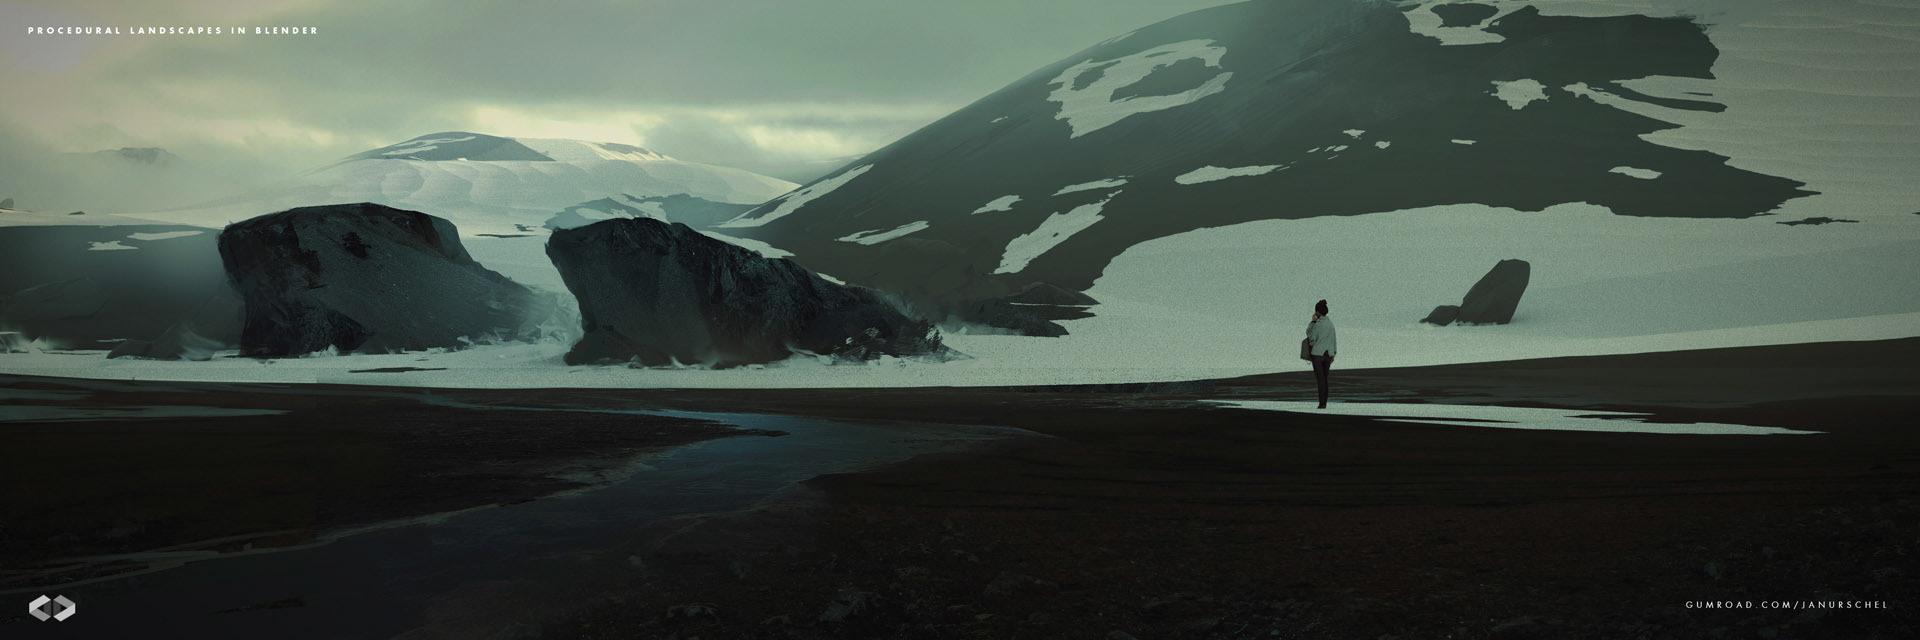 Conceptual Landscapes and Universe of Jan Urschel